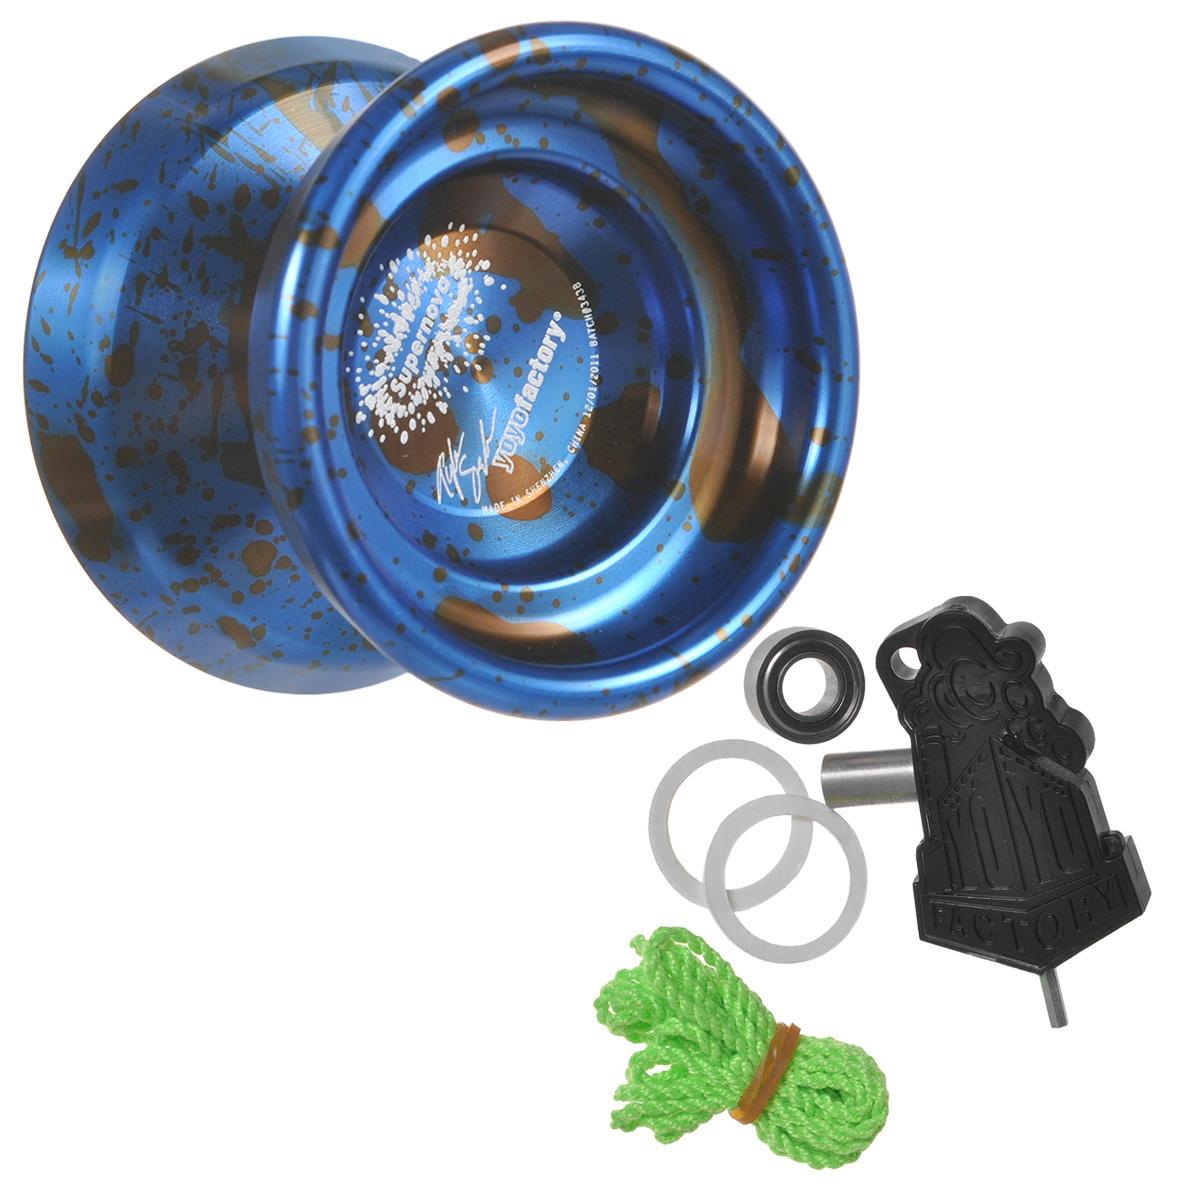 Йо-йо YoYoFactory Supernova, цвет: синий, черныйsupernova/blueНа данный момент йо-йо YoYoFactory Supernova - лидер среди профессиональных металлических йо-йо для соревнований и активных тренировок. Supernova отличается от стандартных моделей, главным образом, слегка облегченным весом, что увеличило ее скорость в сложных комбо, и покрытием Acid Wash. Привычная форма более стабильна, широкий гэп и удобная кэтч зона, удобные тормоза Central Bearing Company, возможность делать долгий слип, плавный ход всего пути, отличное покрытие и оформление - подарят невероятное наслаждение всем ценителям игры в йо-йо! Йо-йо - это игрушка, состоящая из двух симметричных половинок соединенных осью, к которой прикреплена веревка. Современный йо-йо значительно отличается от тех, к которым многие привыкли. Сейчас йо-йо - это такая же часть молодежной культуры, как скейт, ВМХ или сноуборд. Йо-йо популярно во многих странах мира, таких как Россия, США и Япония. Ежегодно во всем мире проходят различные чемпионаты по игре с йо-йо, в том числе и...